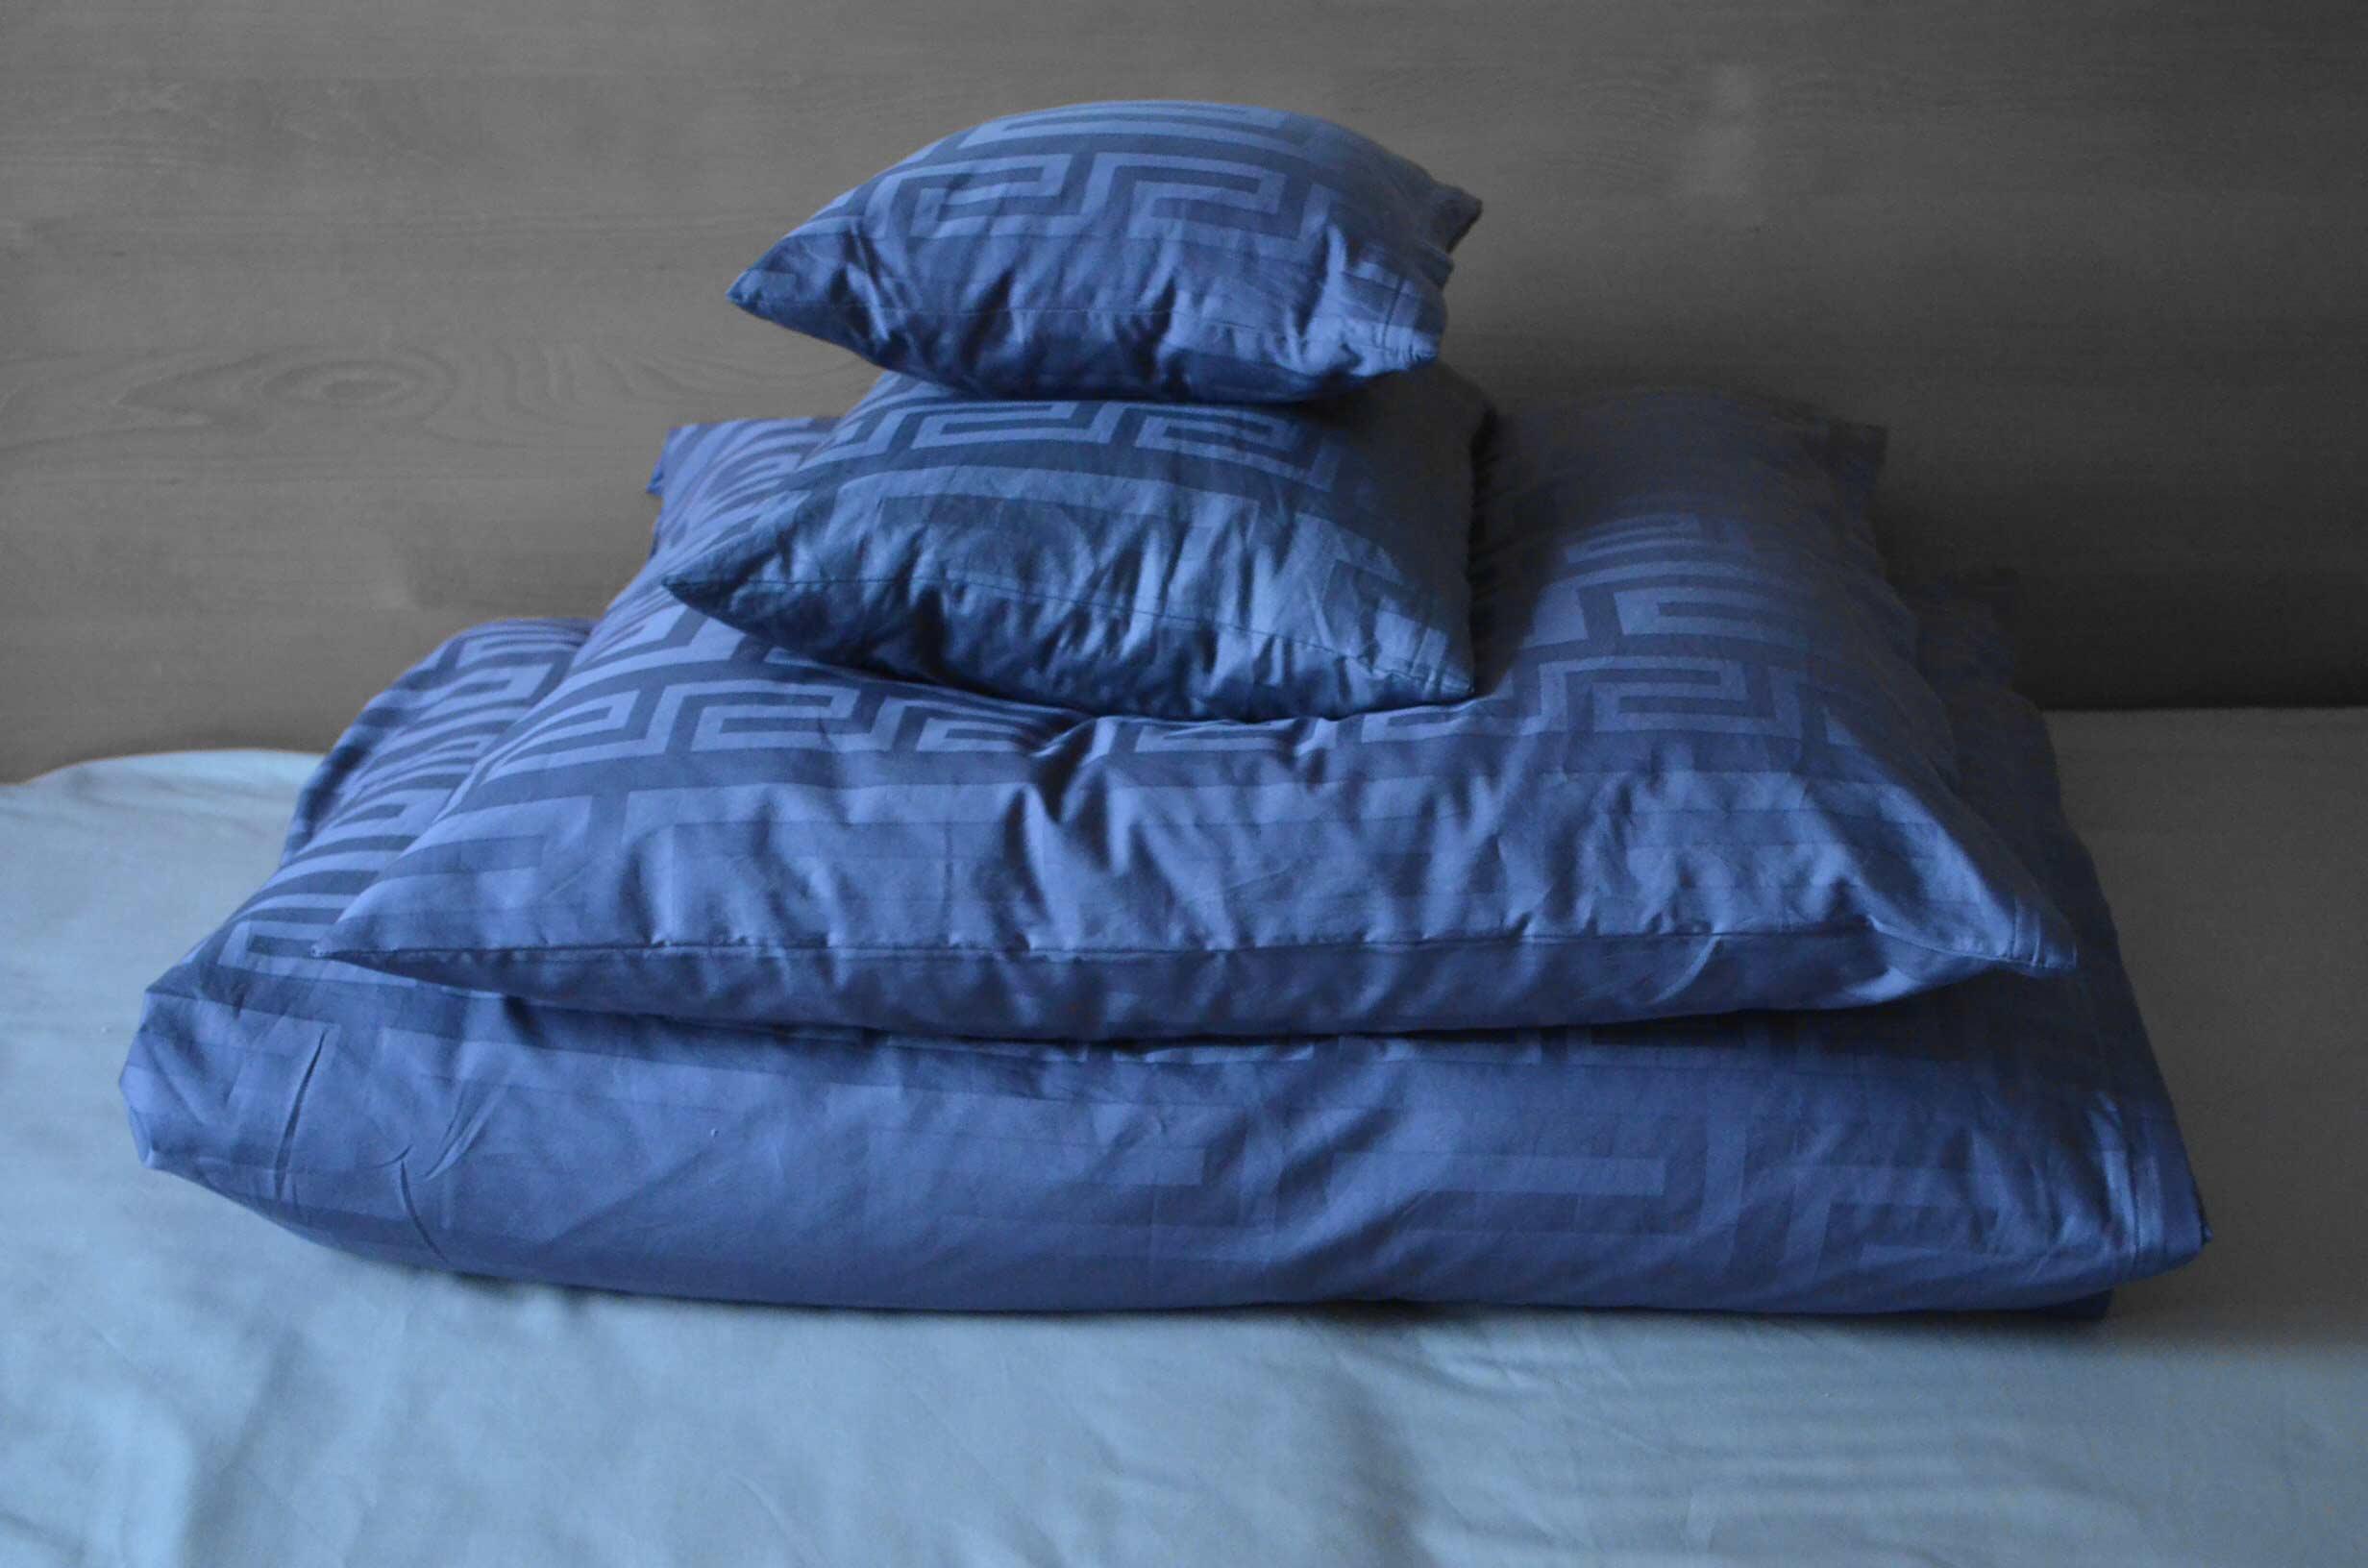 roetsch graue-selbst-genaehte-Bettwaesche-mit-gestapelten-Kissen